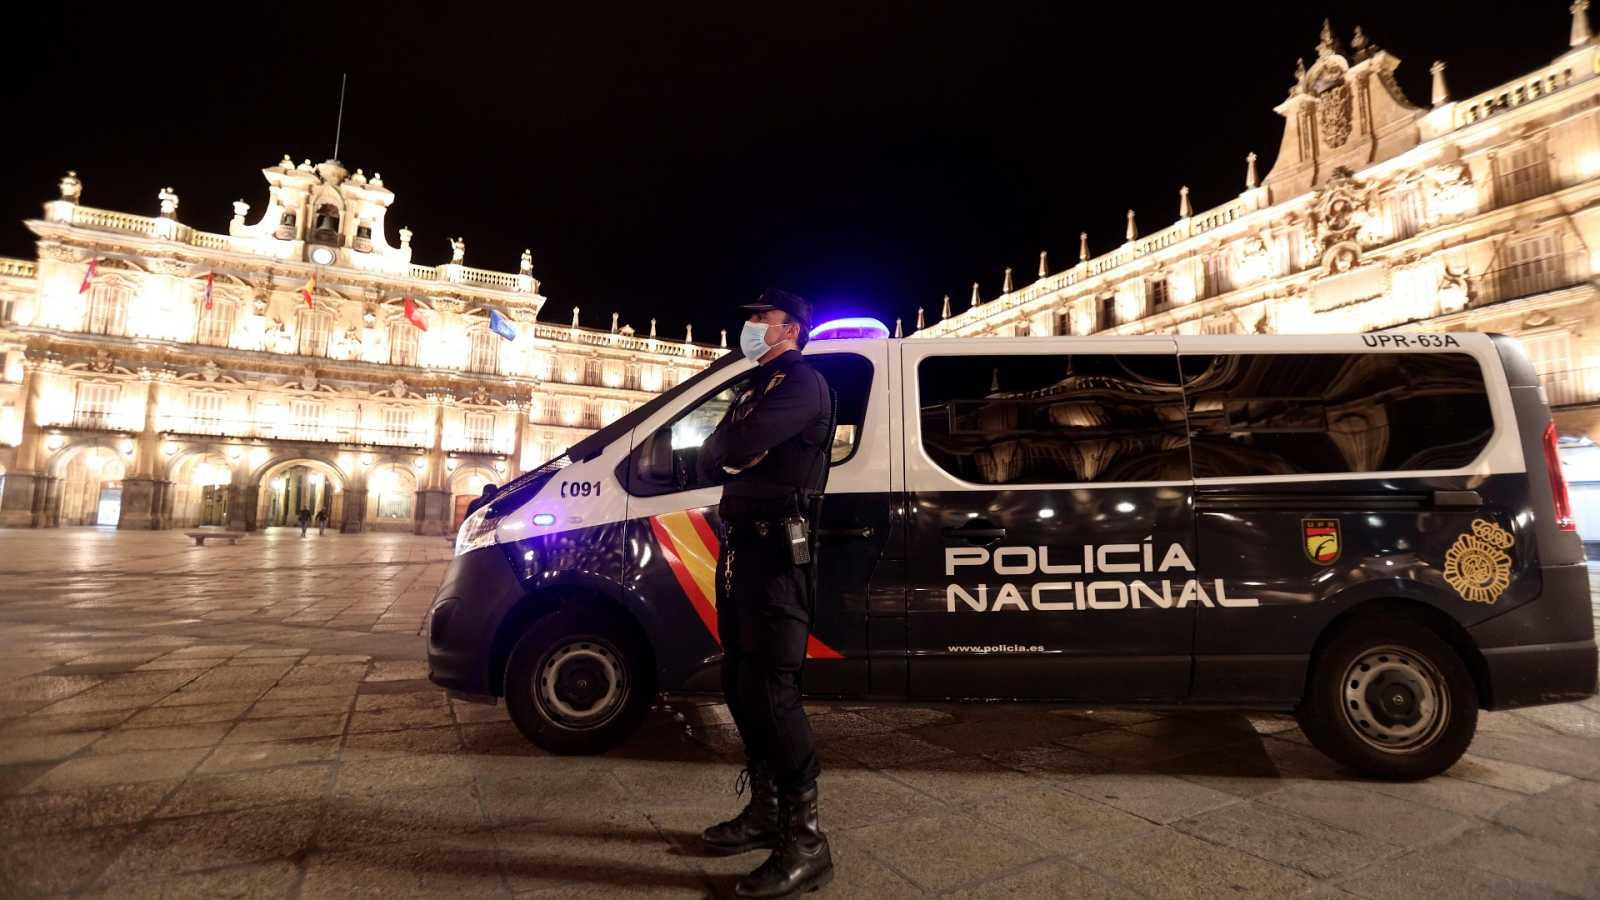 Primera noche de toque de queda en Castilla y León y la Comunidad Valenciana